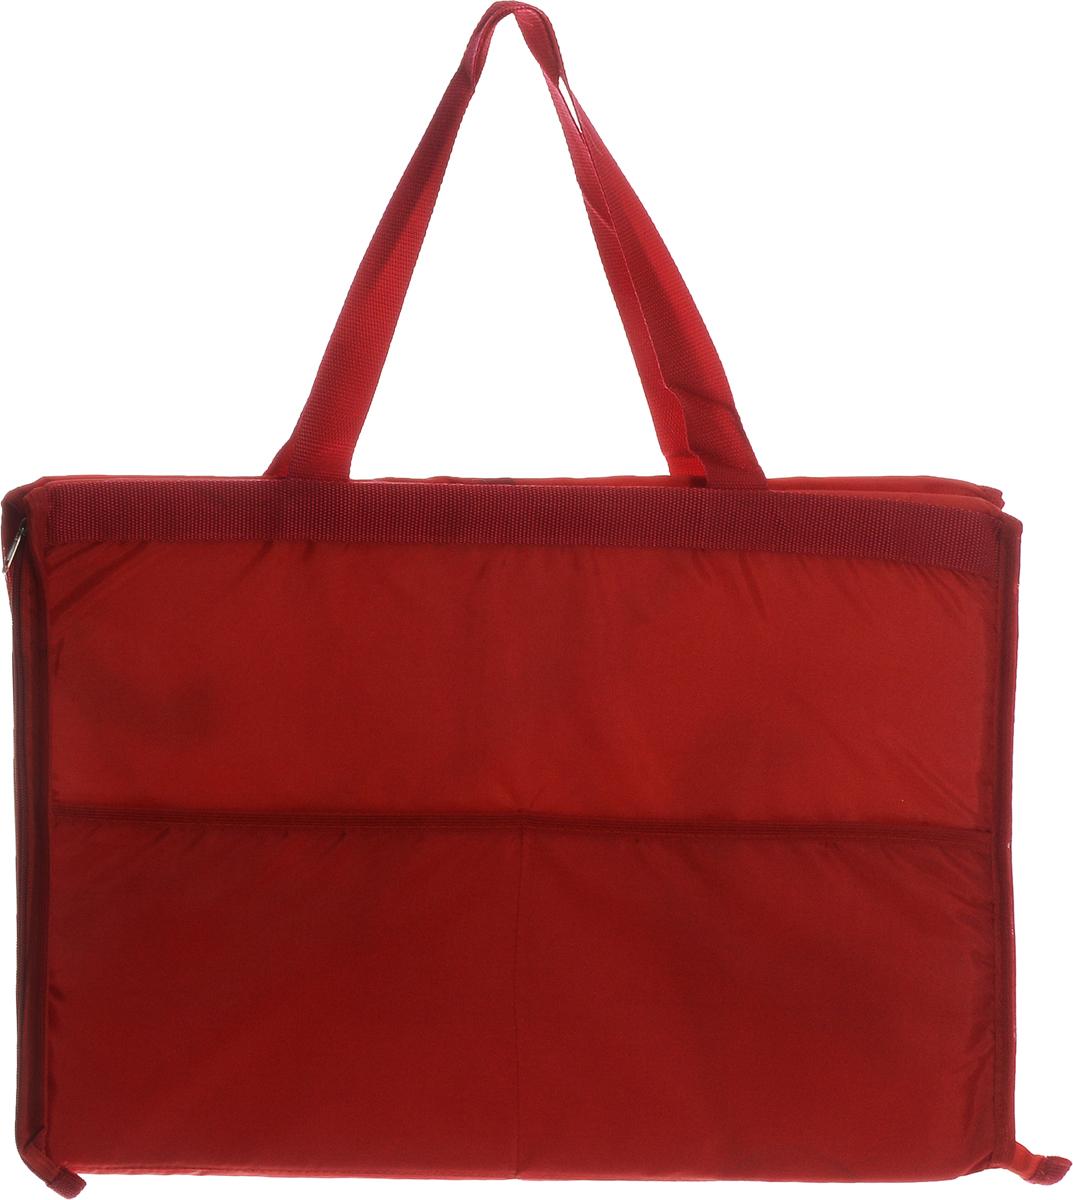 Сумка-коврик для пикника Eva Роза, 52 х 38 смК37_красныйСумка-коврик Eva изготовлена из хлопка, полиэстера, наполнитель - пенополиэтилен. Вместительная сумка на молнии одним движение превращается в удобный пляжный коврик для загорания. Для отдыха на пляже или пикника будет полезной такая вещь, как сумка-коврик. Изделие сделает ваш отдых комфортным и приятным. Размер сумки-коврика (в сложенном виде): 52 х 38 см.Размер сумки-коврика (в развернутом виде): 145 х 52 см.